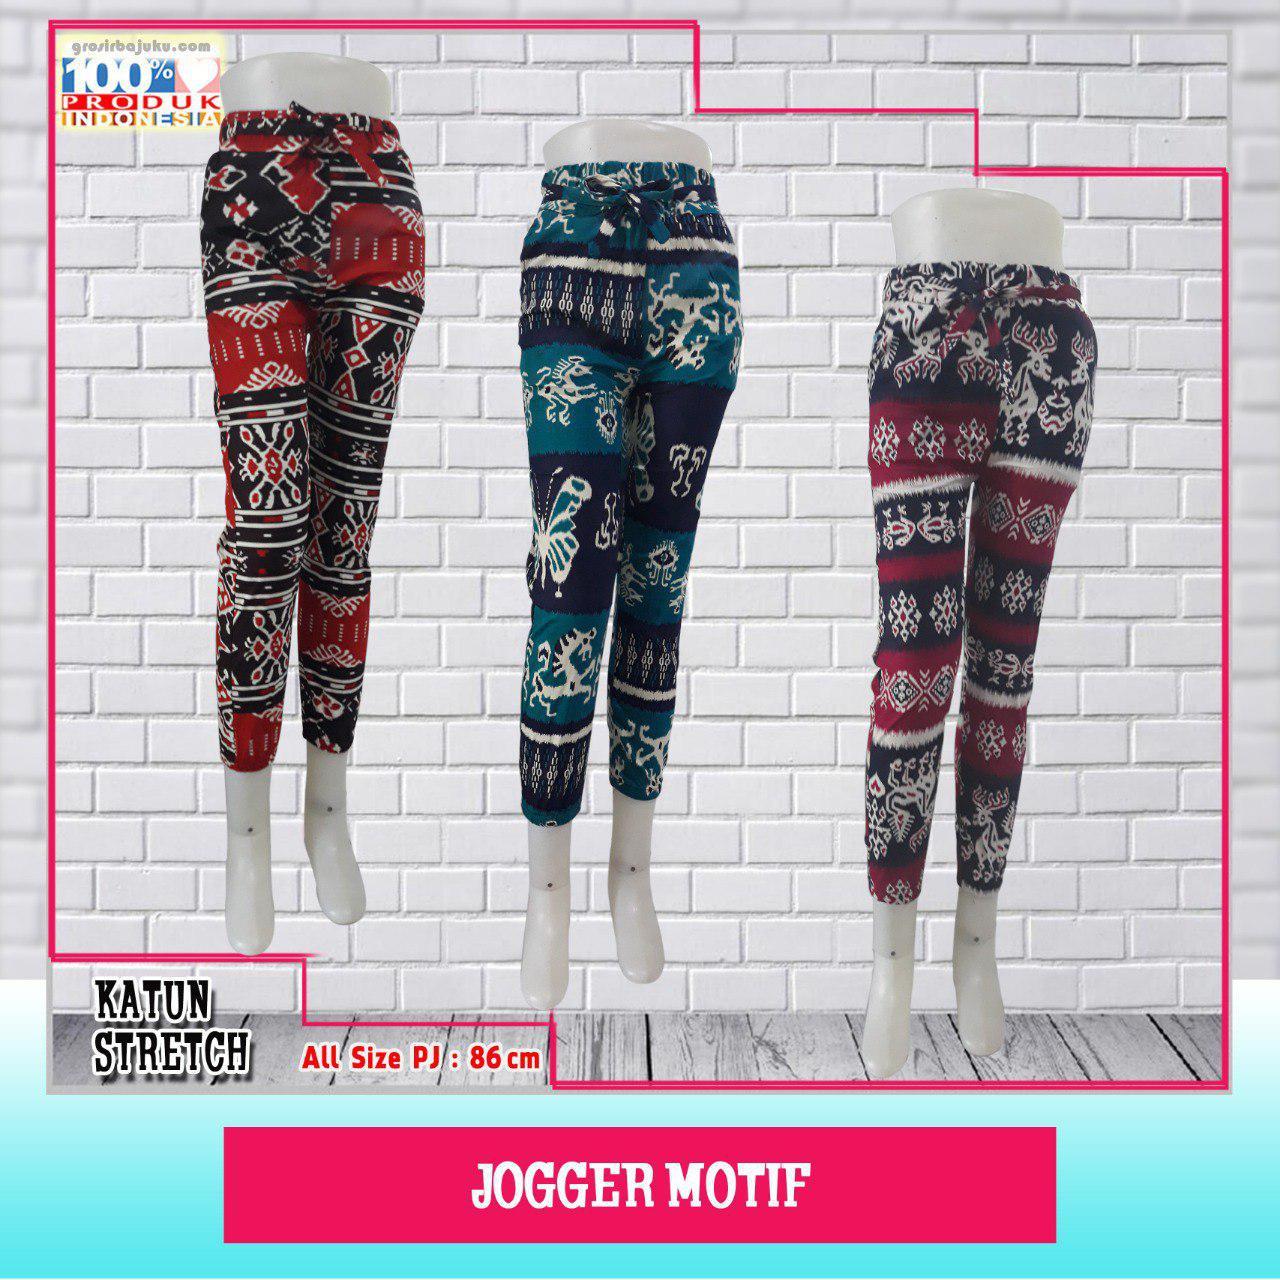 Jogger Motif